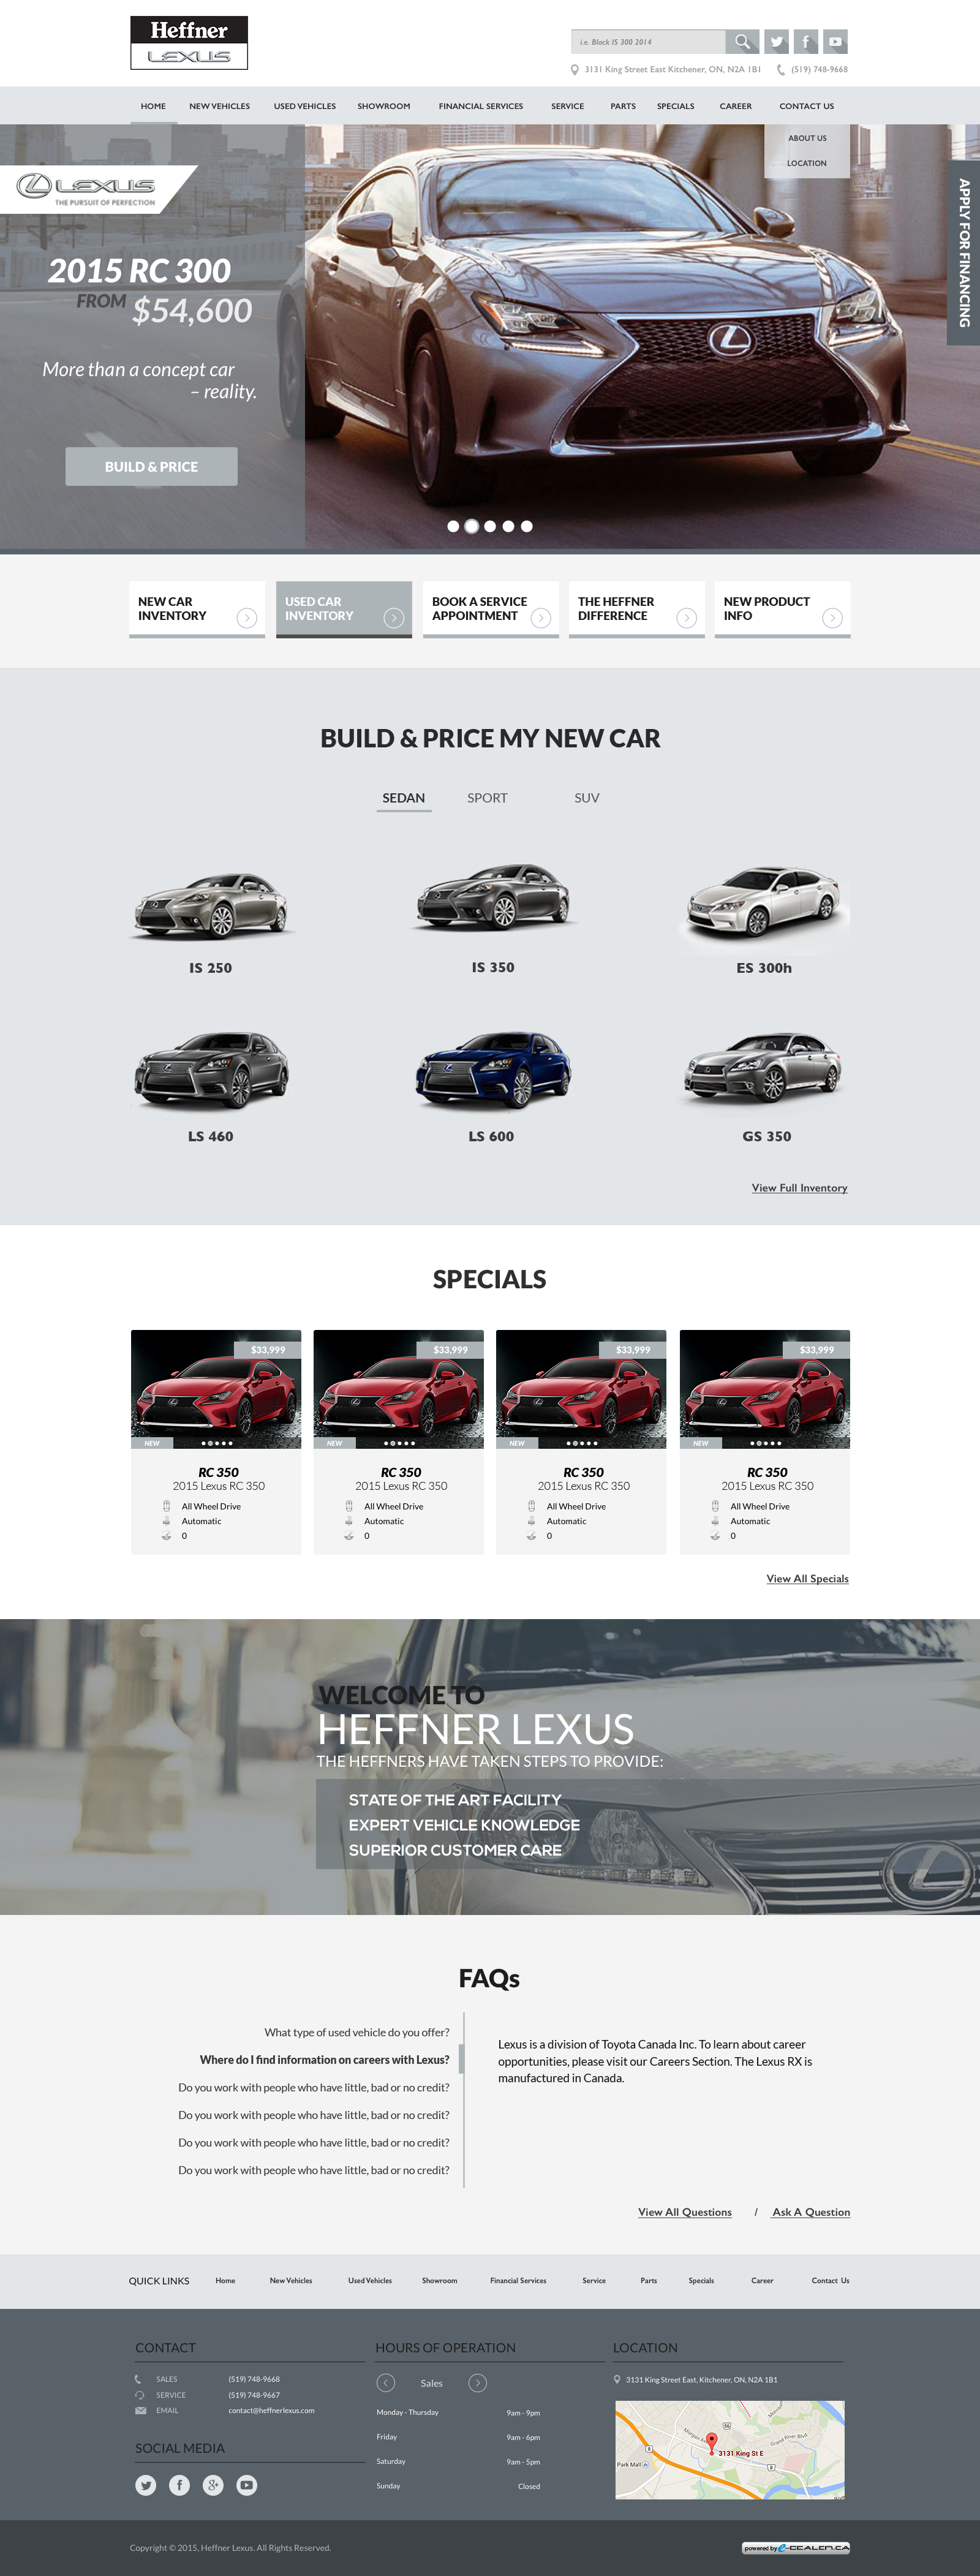 Heffner-Lexus